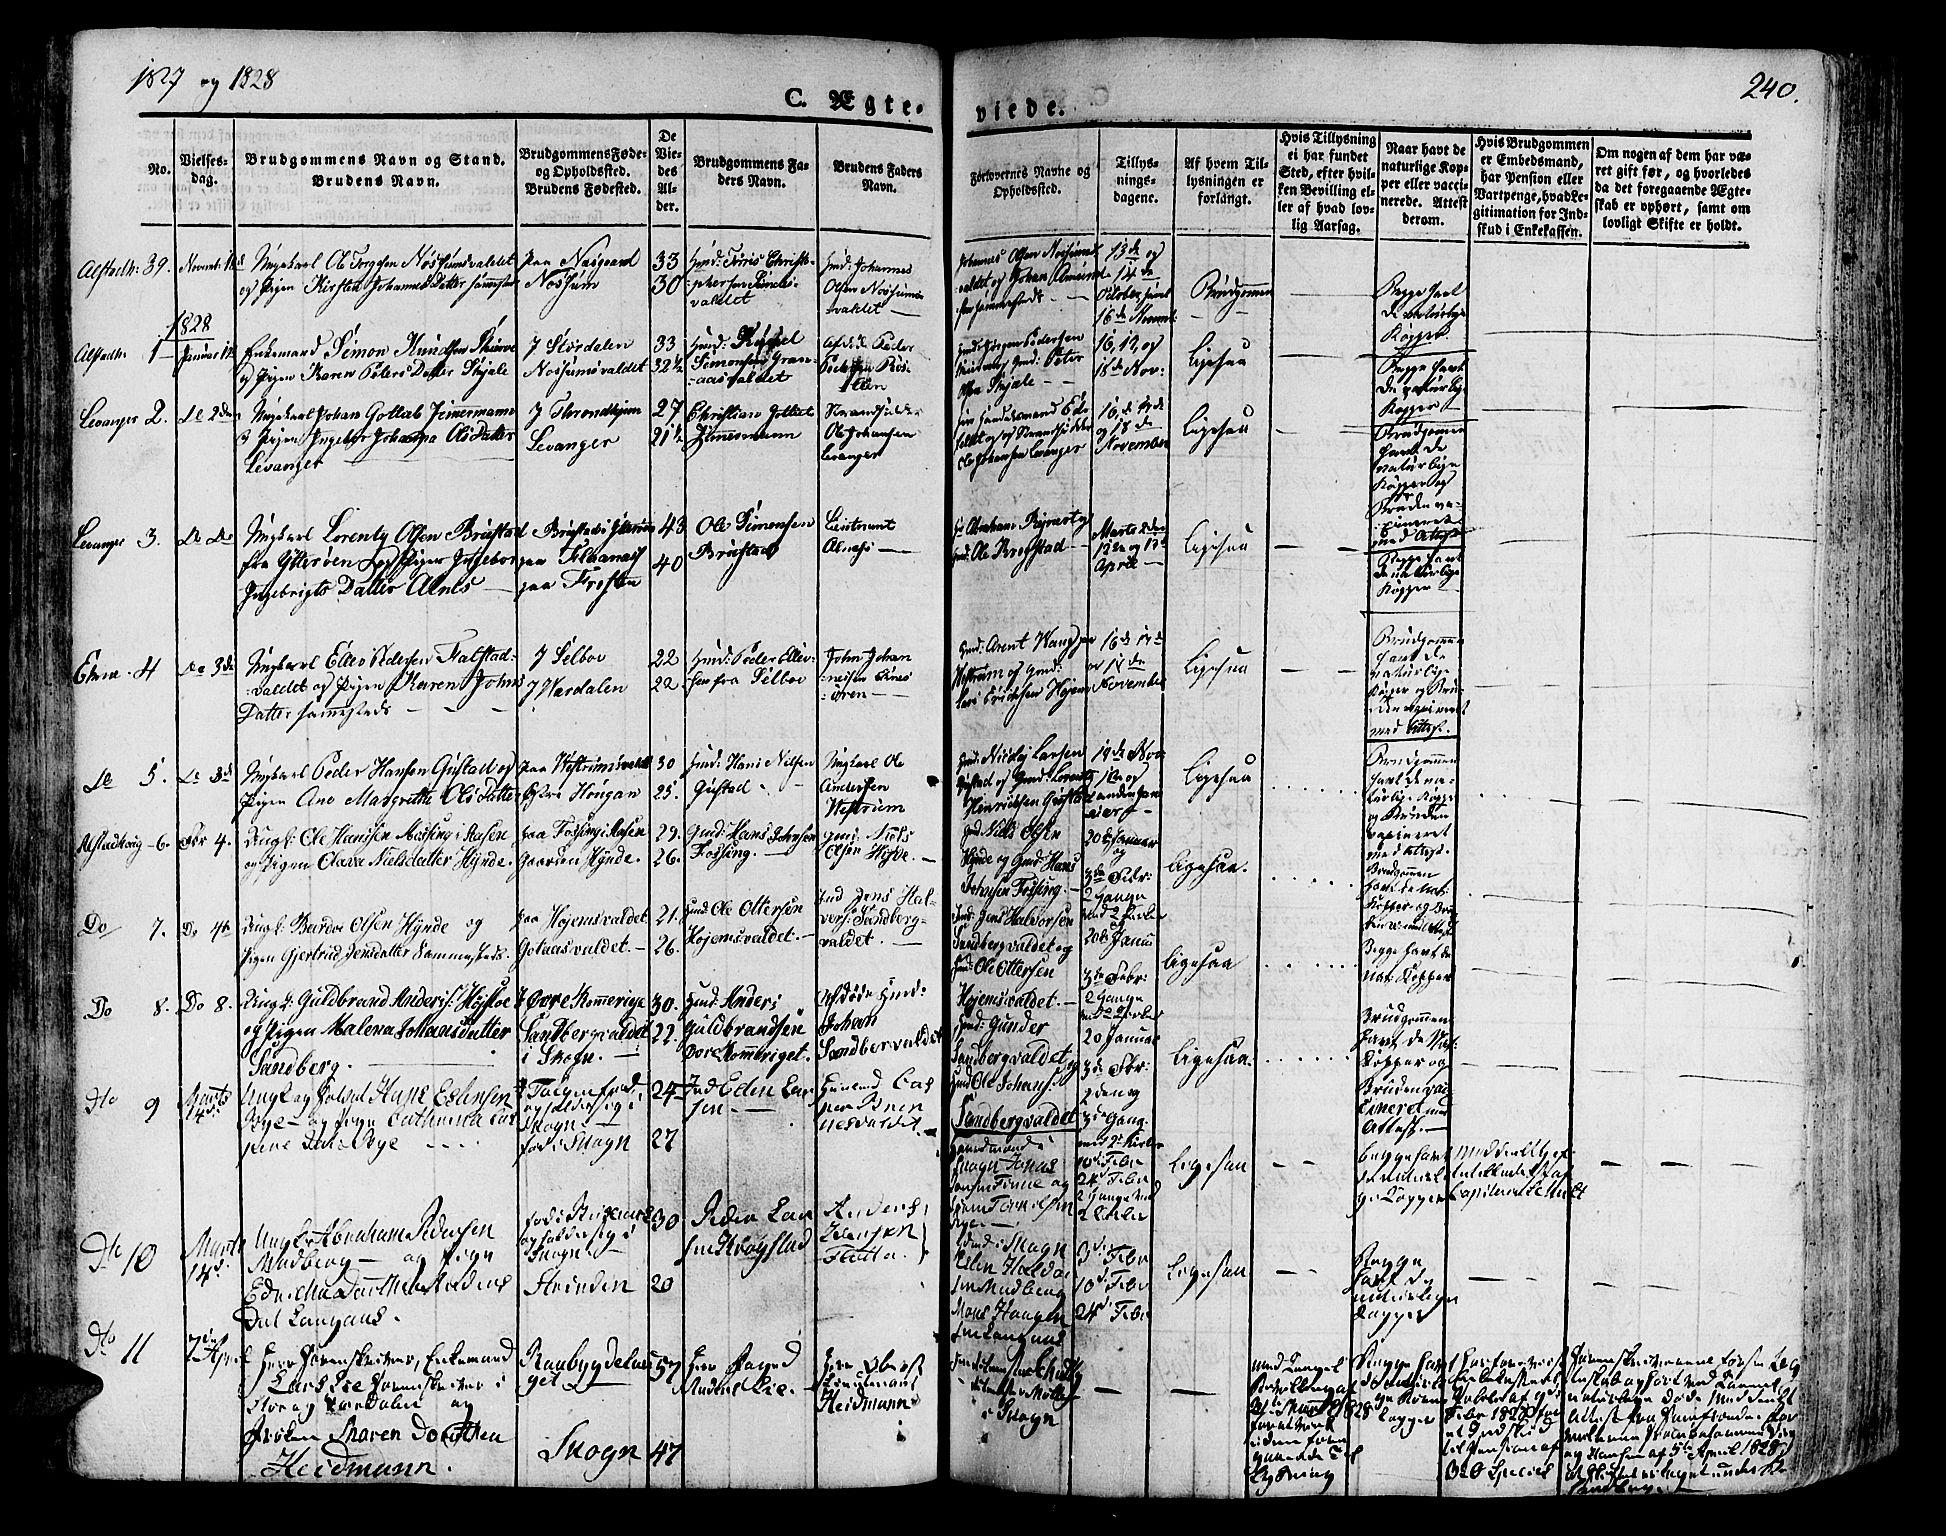 SAT, Ministerialprotokoller, klokkerbøker og fødselsregistre - Nord-Trøndelag, 717/L0152: Ministerialbok nr. 717A05 /1, 1825-1836, s. 240